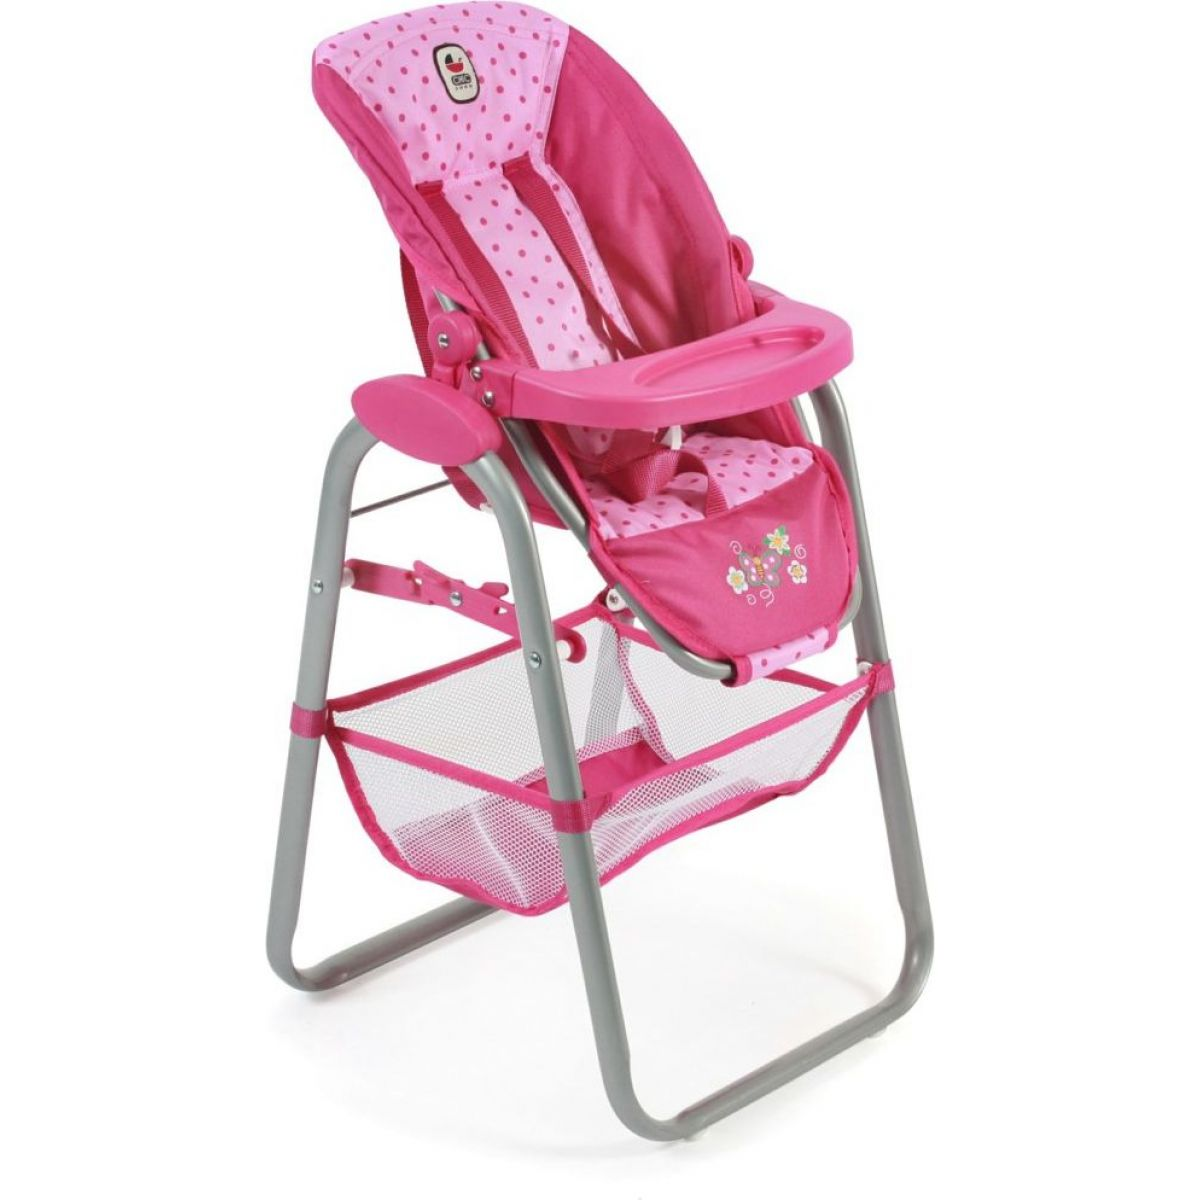 Bayer Chic Jídelní židlička pro panenku - Pink Dots